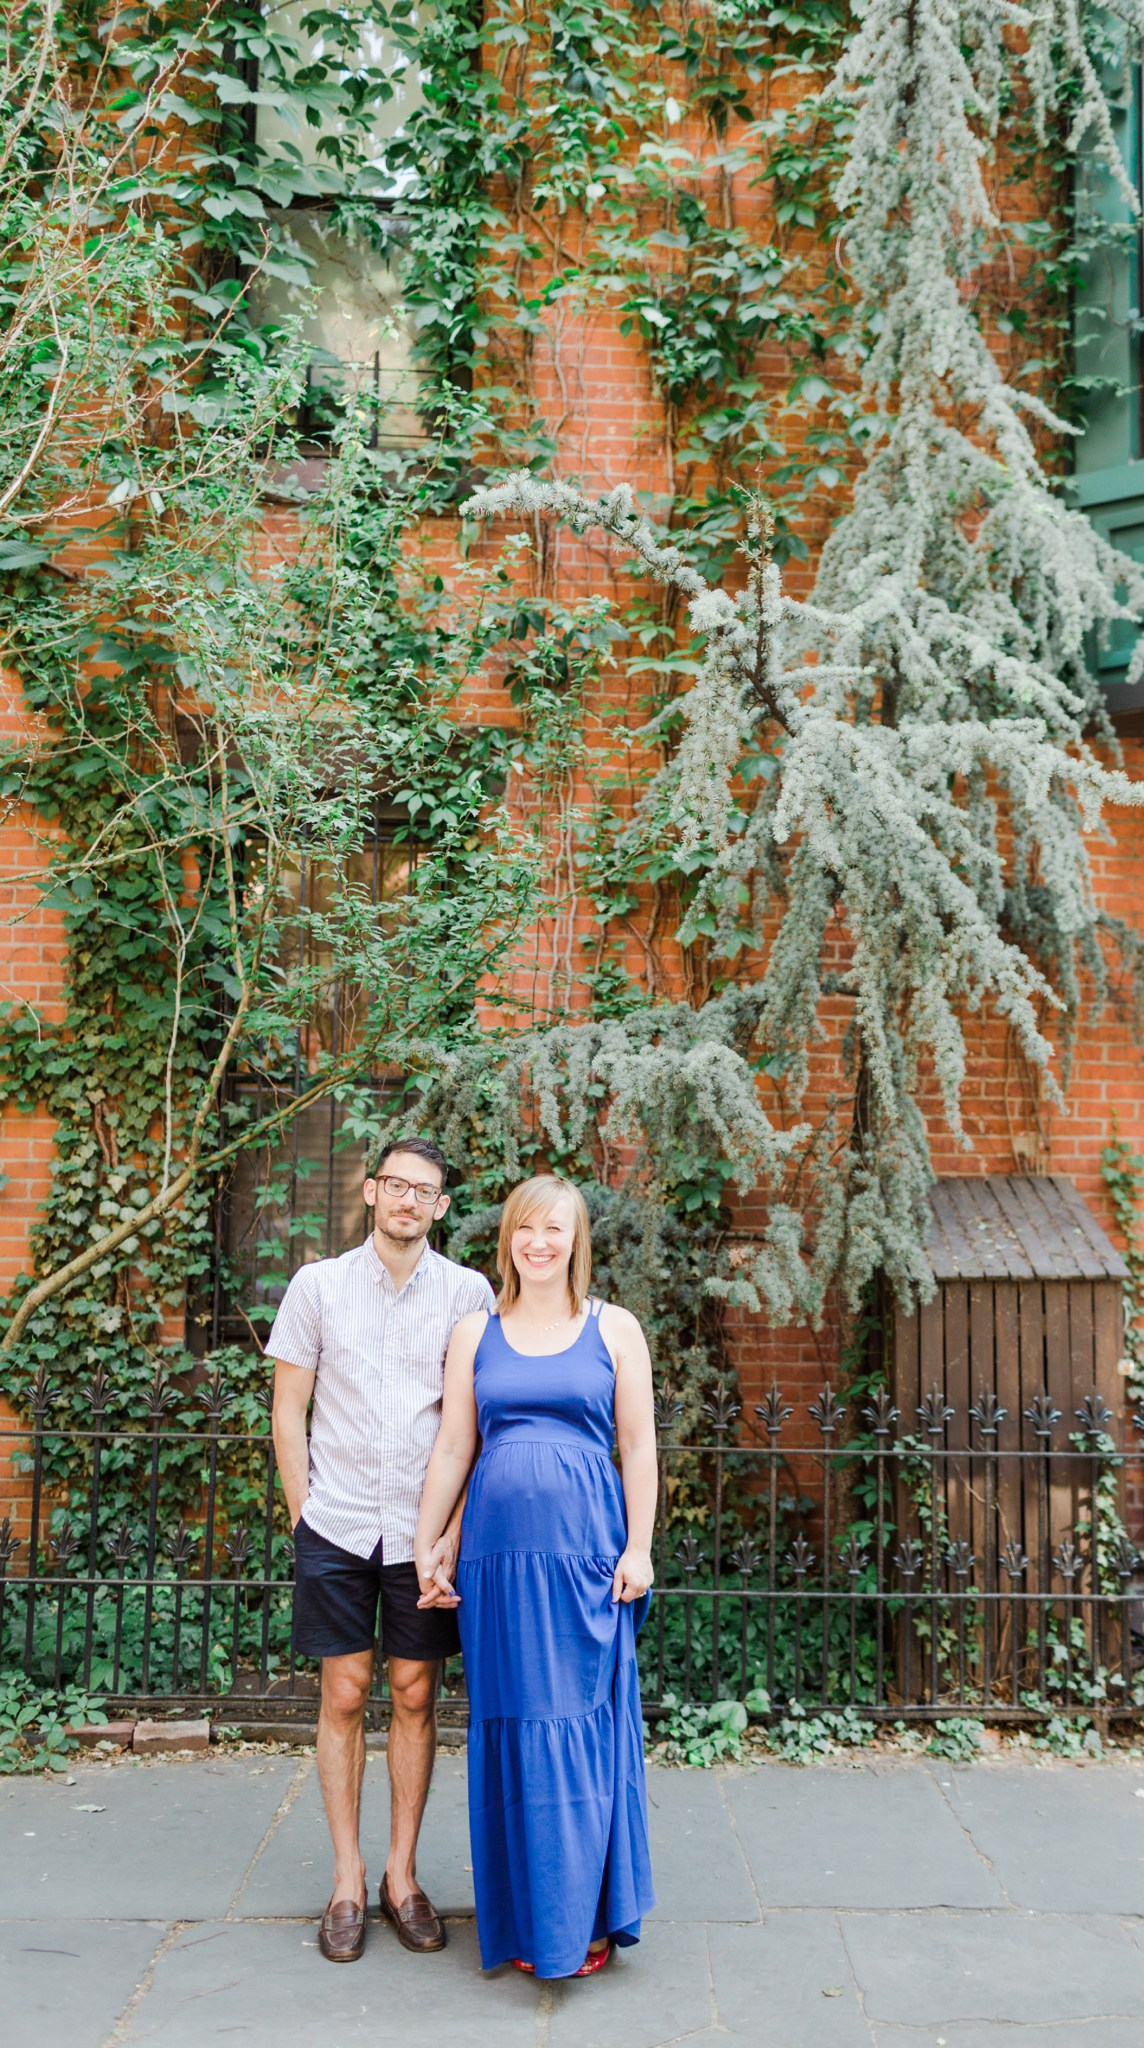 brooklyn_maternity_portraits_deborah_zoe_0007.JPG